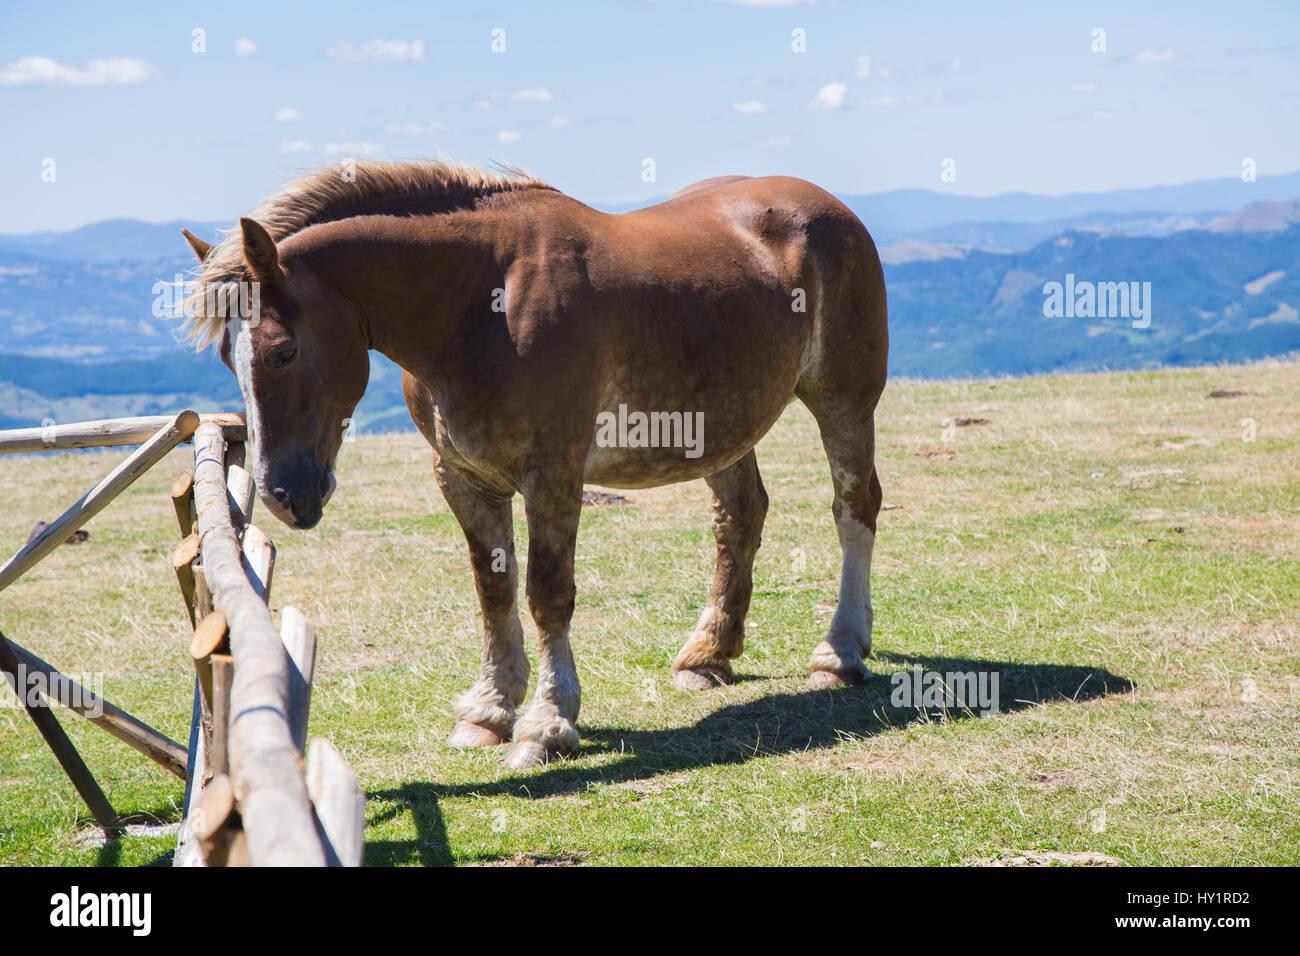 Lonely cavallo al pascolo in montagna Immagini Stock